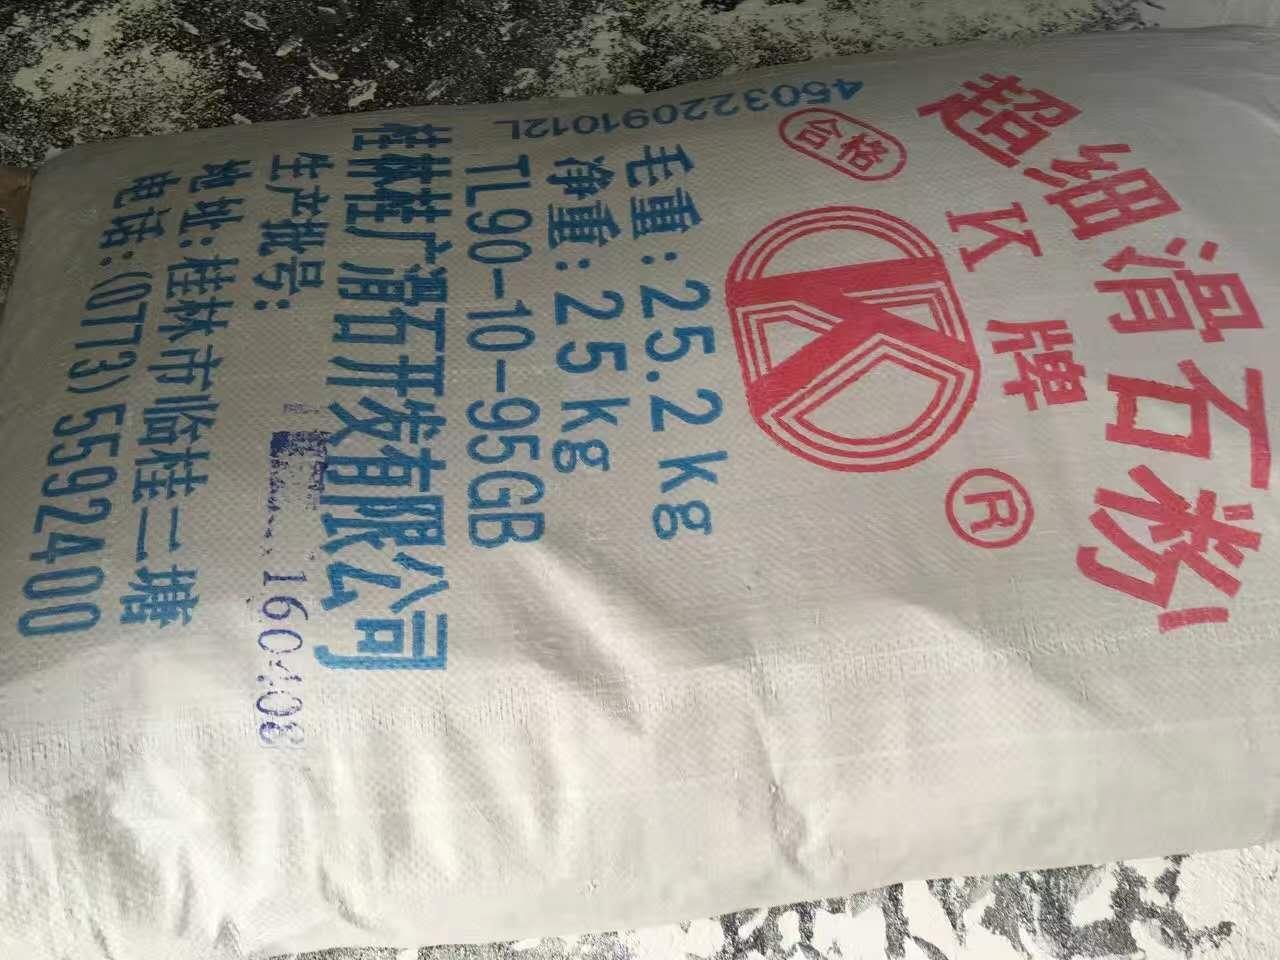 工业级滑石粉 重质滑石粉多少钱